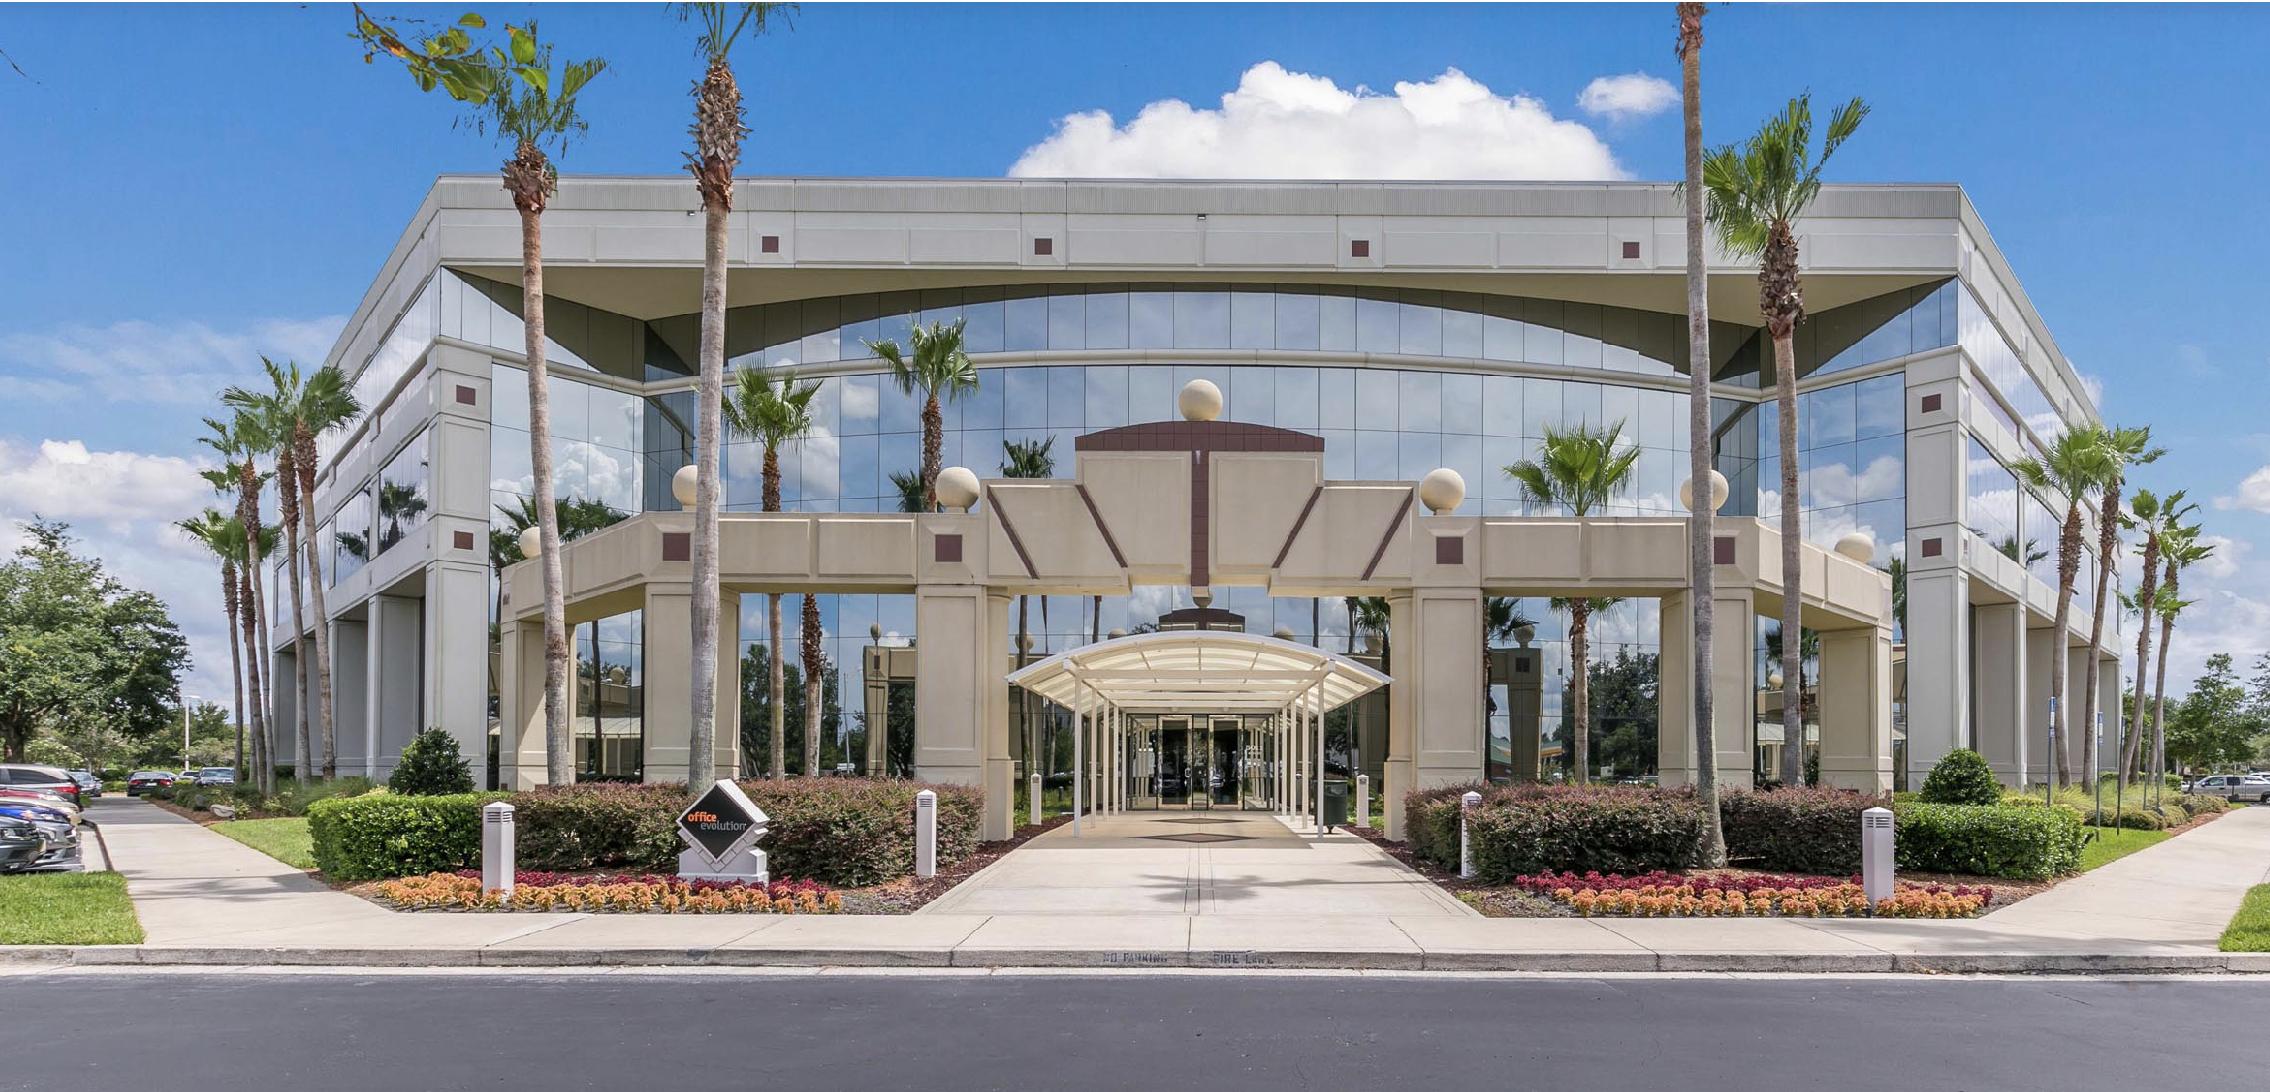 Office Evolution - Jacksonville, FL reviews | Shared Office Spaces at 5011 Gate Parkway - Jacksonville FL